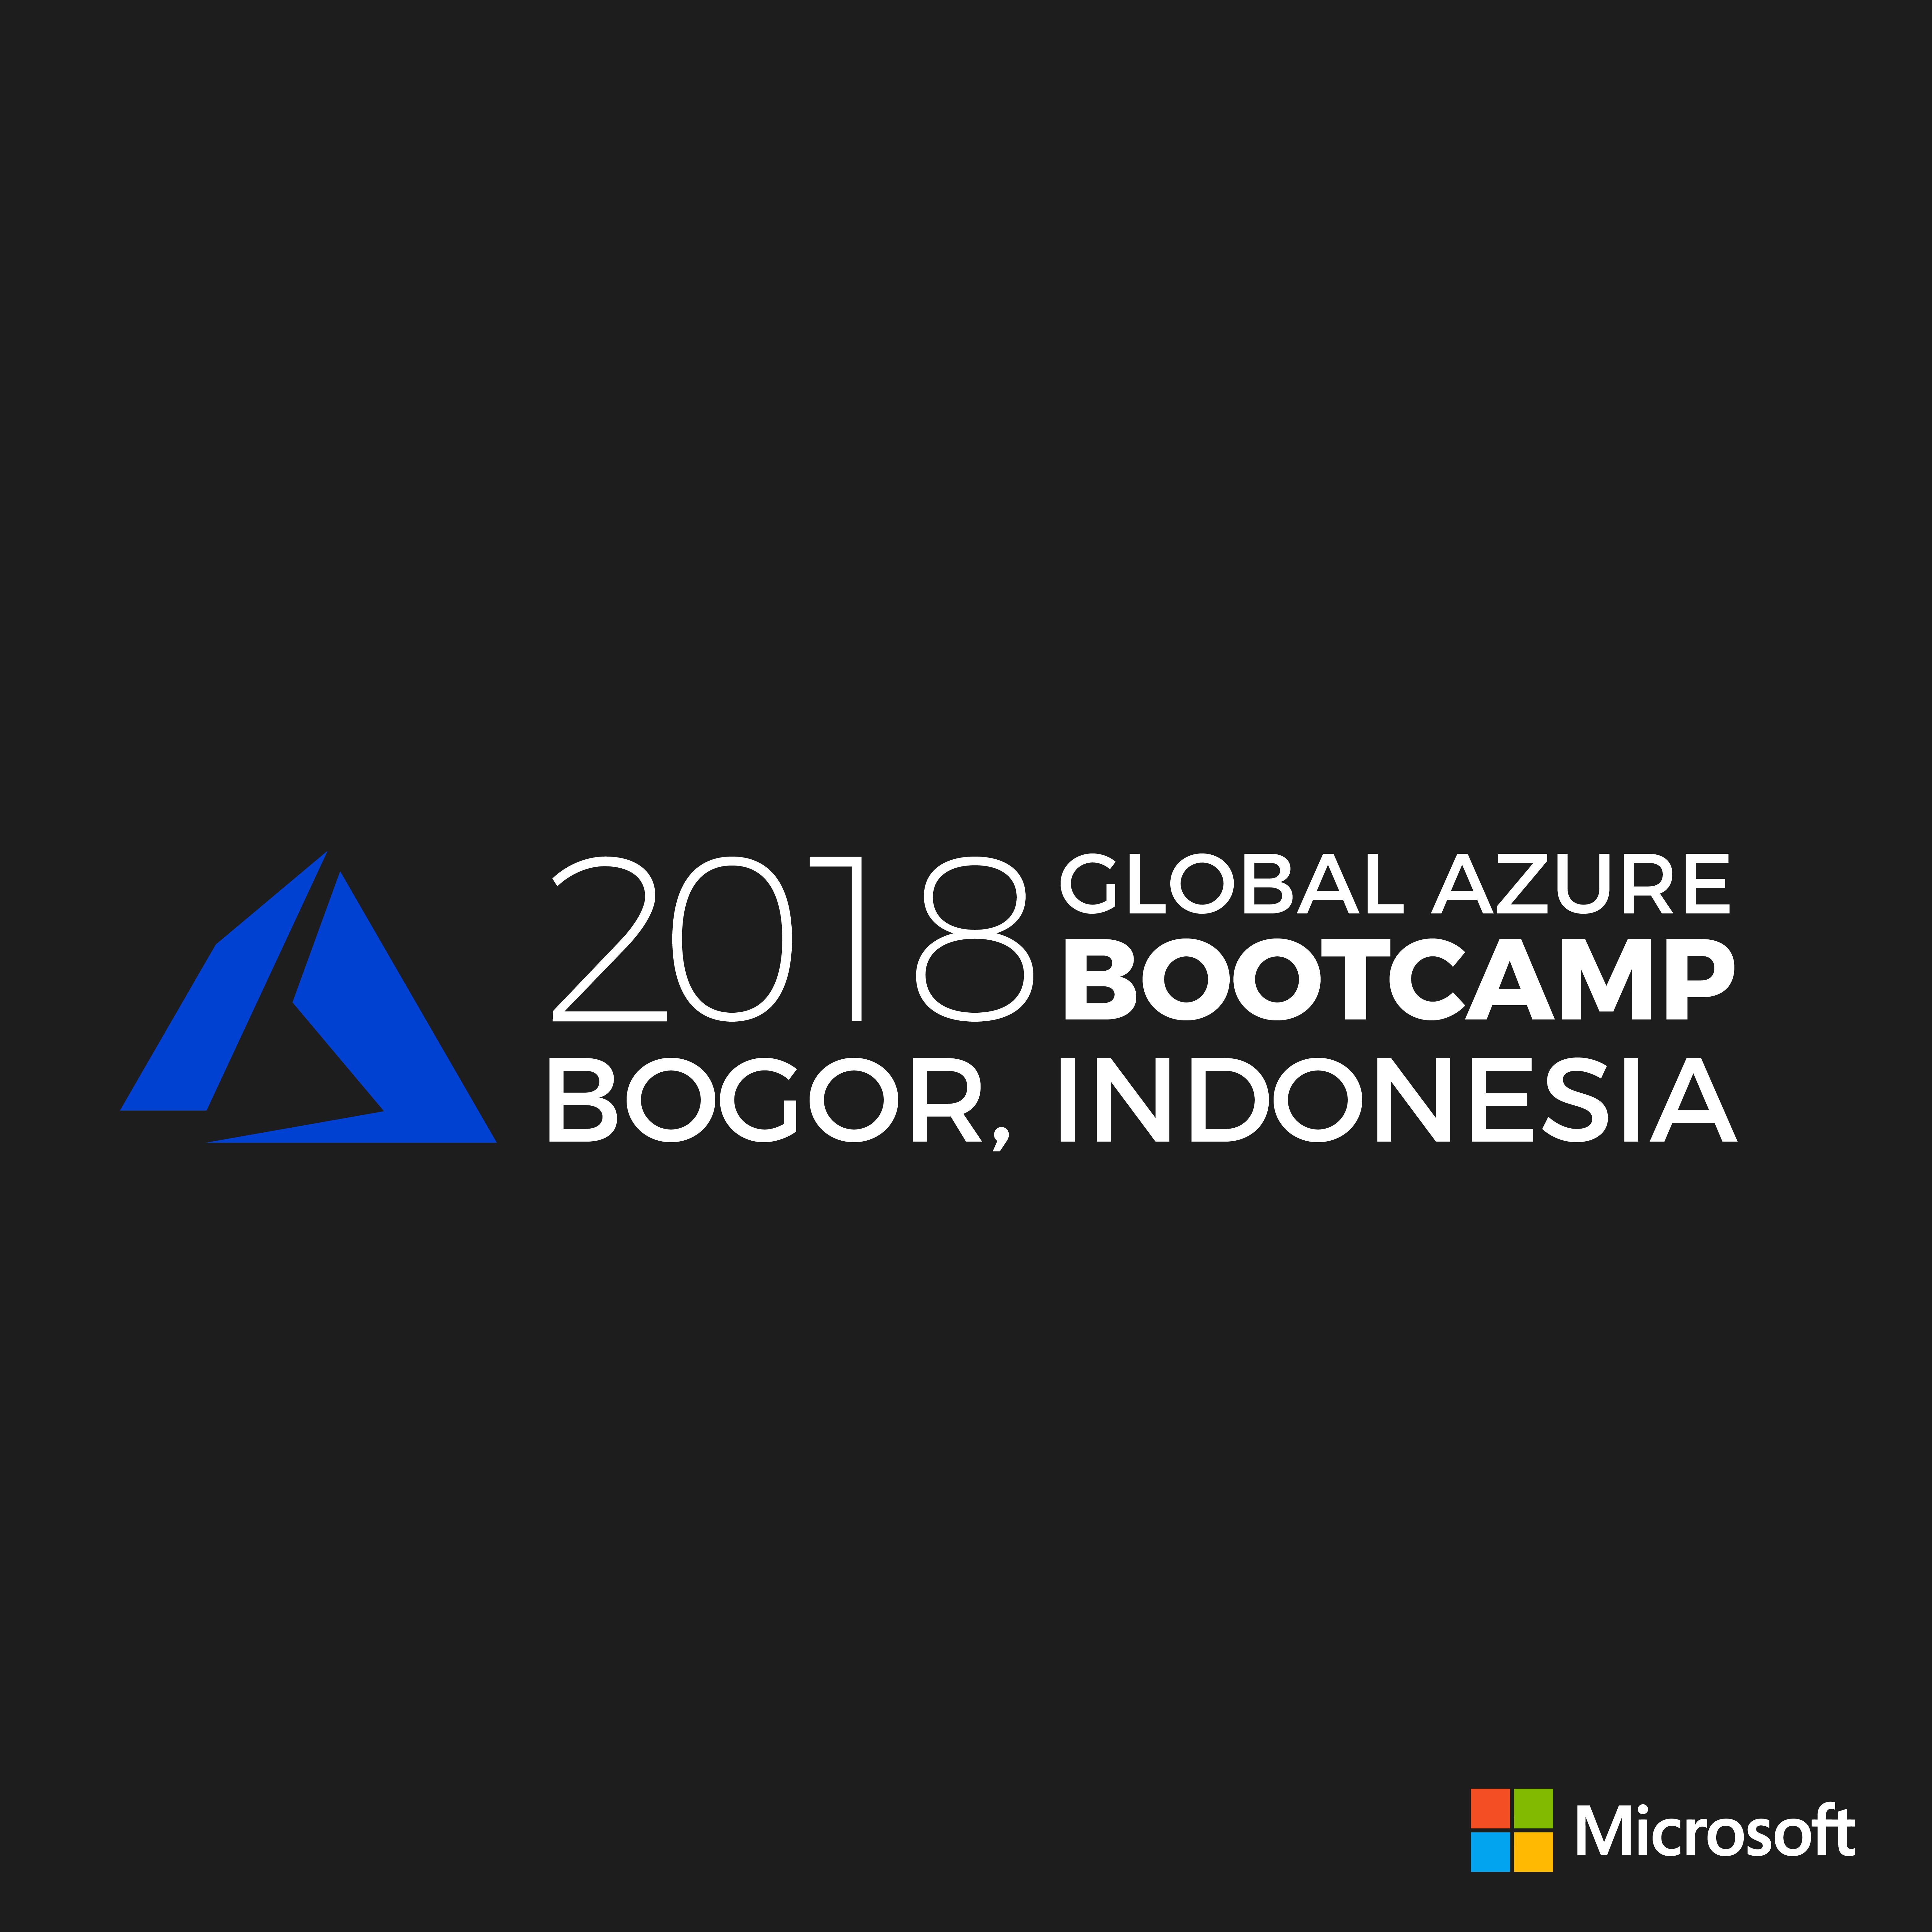 Global Azure Bootcamp 2018 Bogor -Indonesia